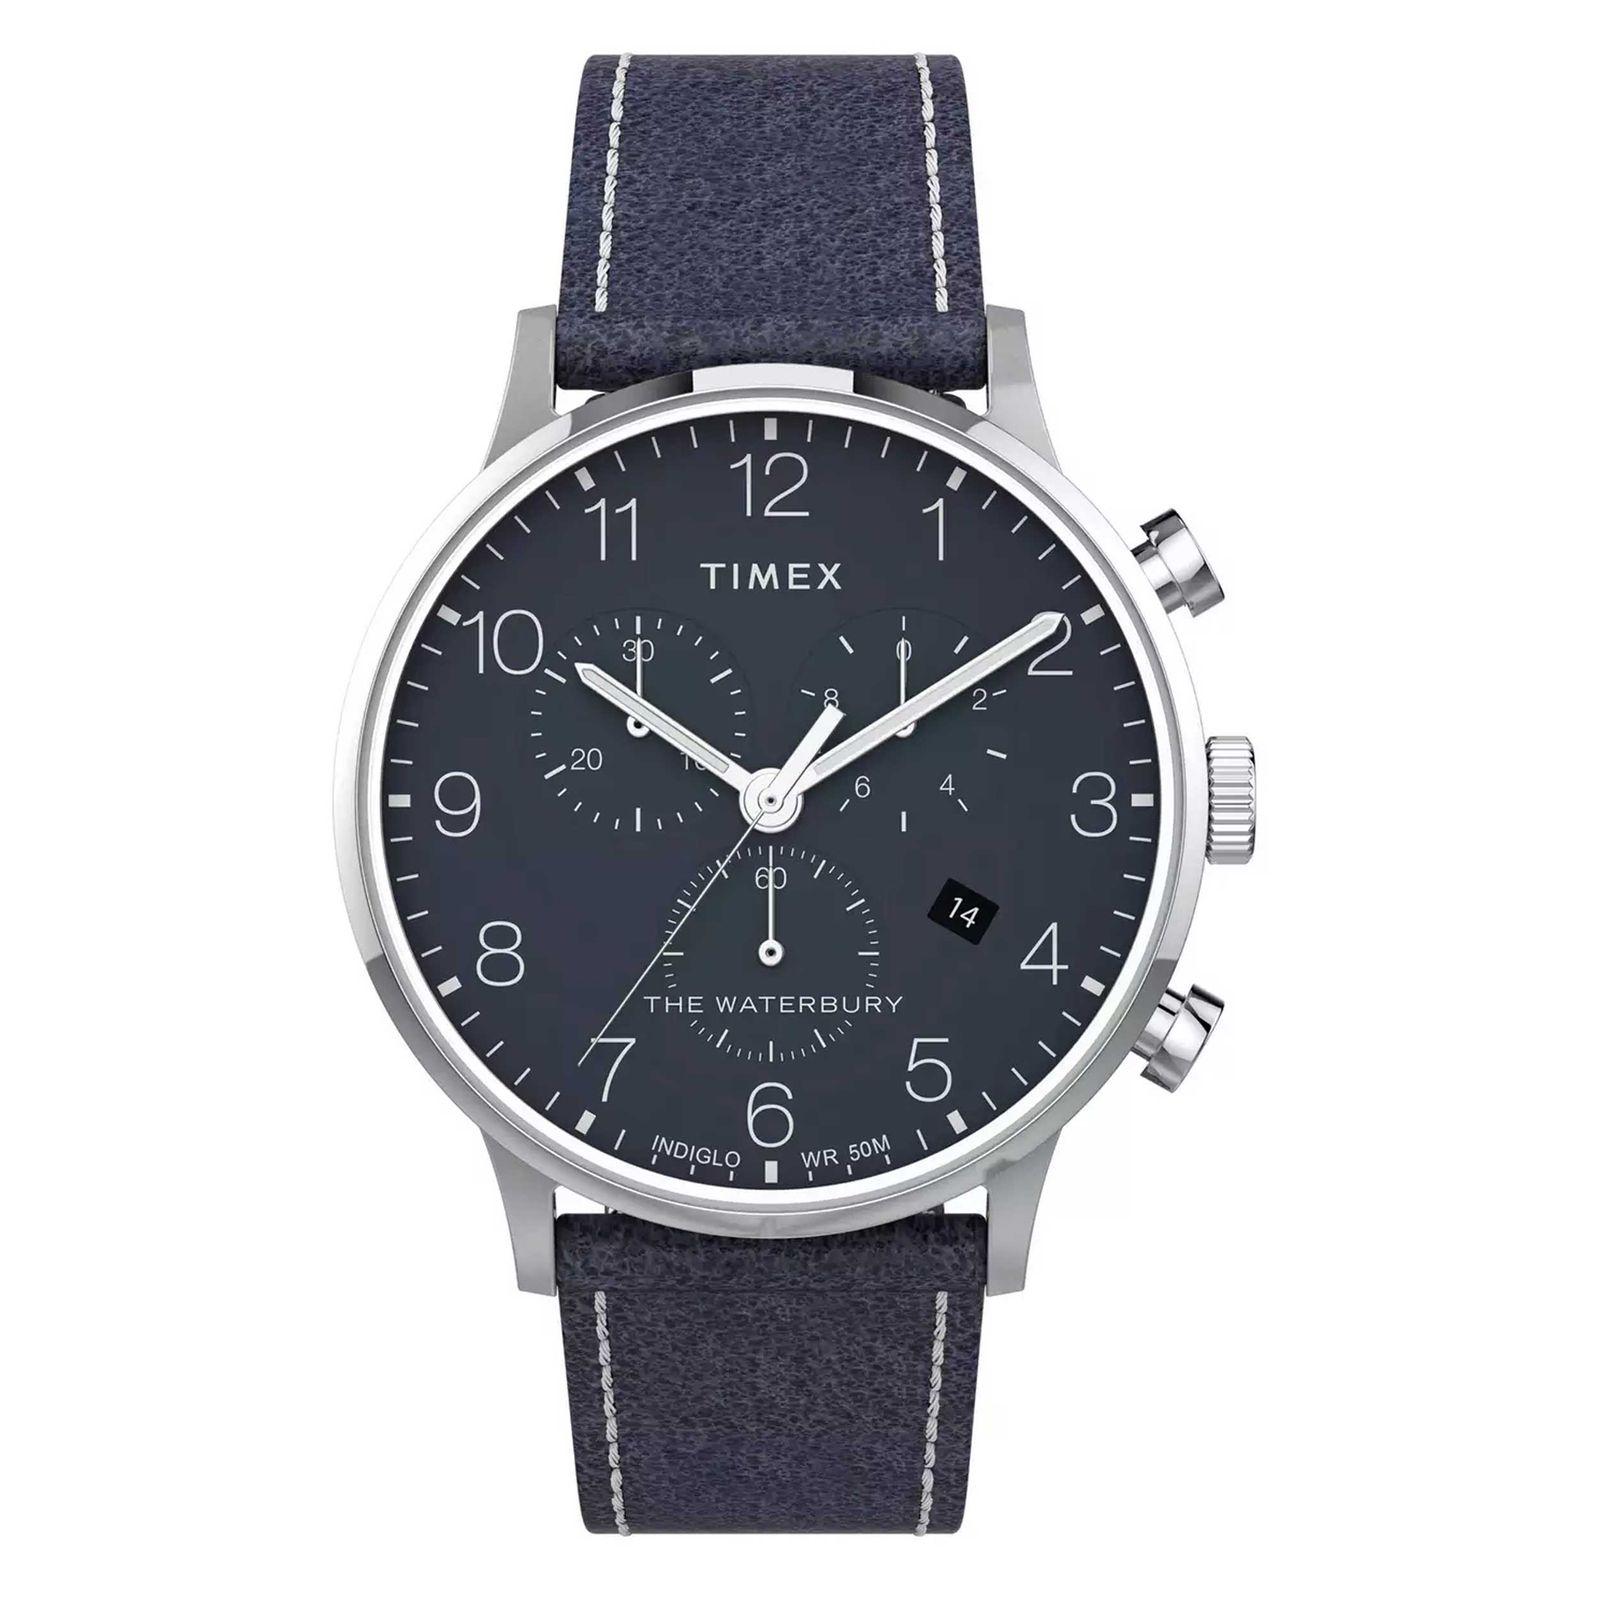 ساعت مچی عقربه ای مردانه تایمکس مدل TW2T71300 -  - 1